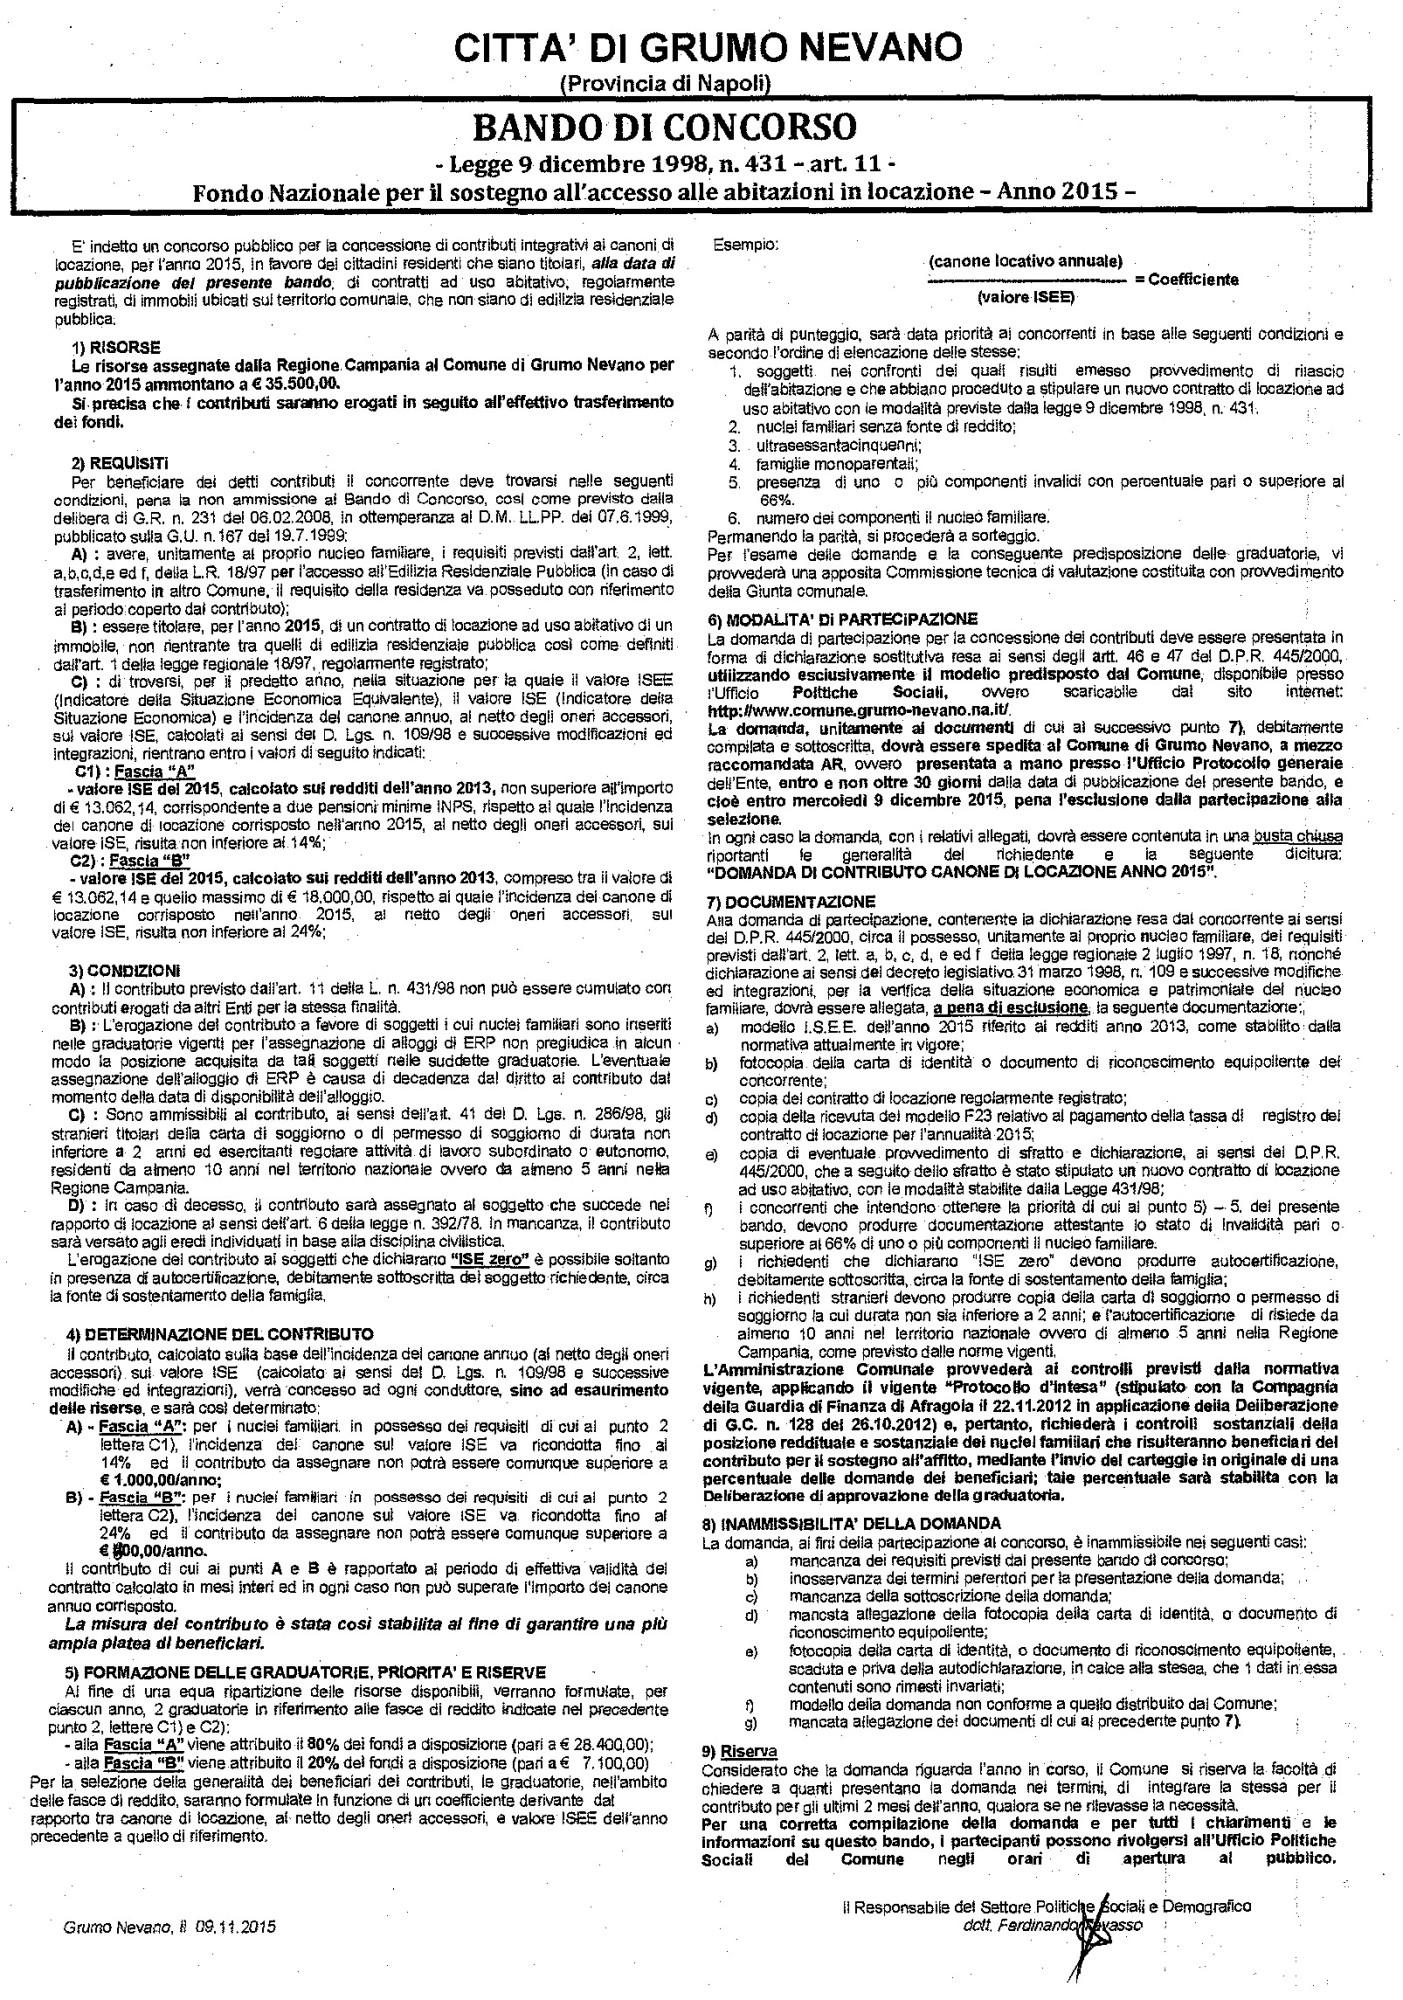 BANDO DI CONCORSO EROGAZIONE CONTRIBUTO SOSTEGNO A_Pagina_1_Immagine_0001